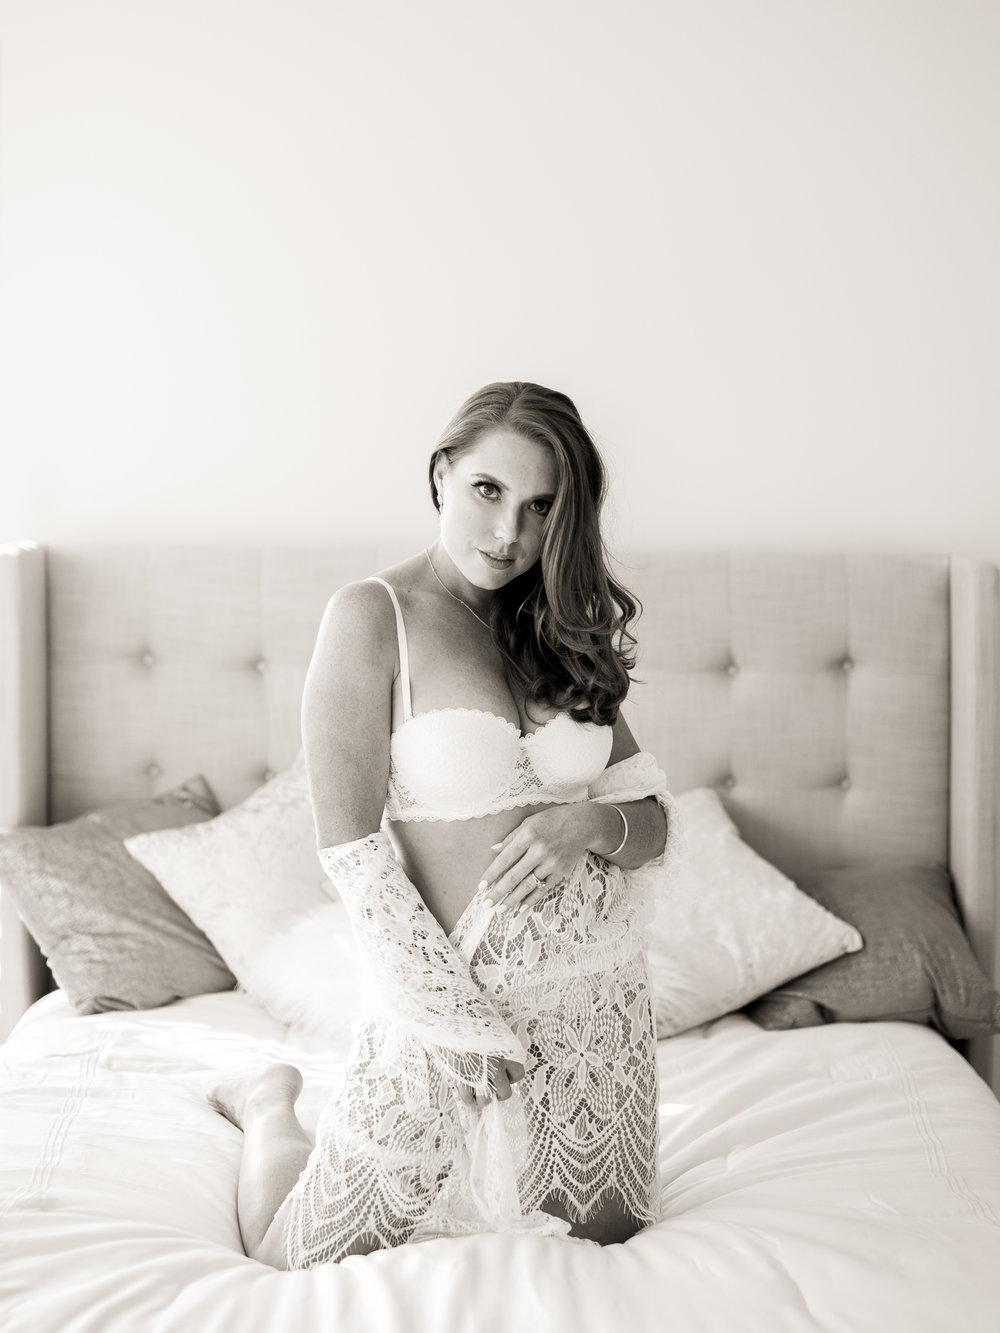 dennisroycoronel_bridal_boudoir_orangecounty_losangeles_photographer-28.jpg